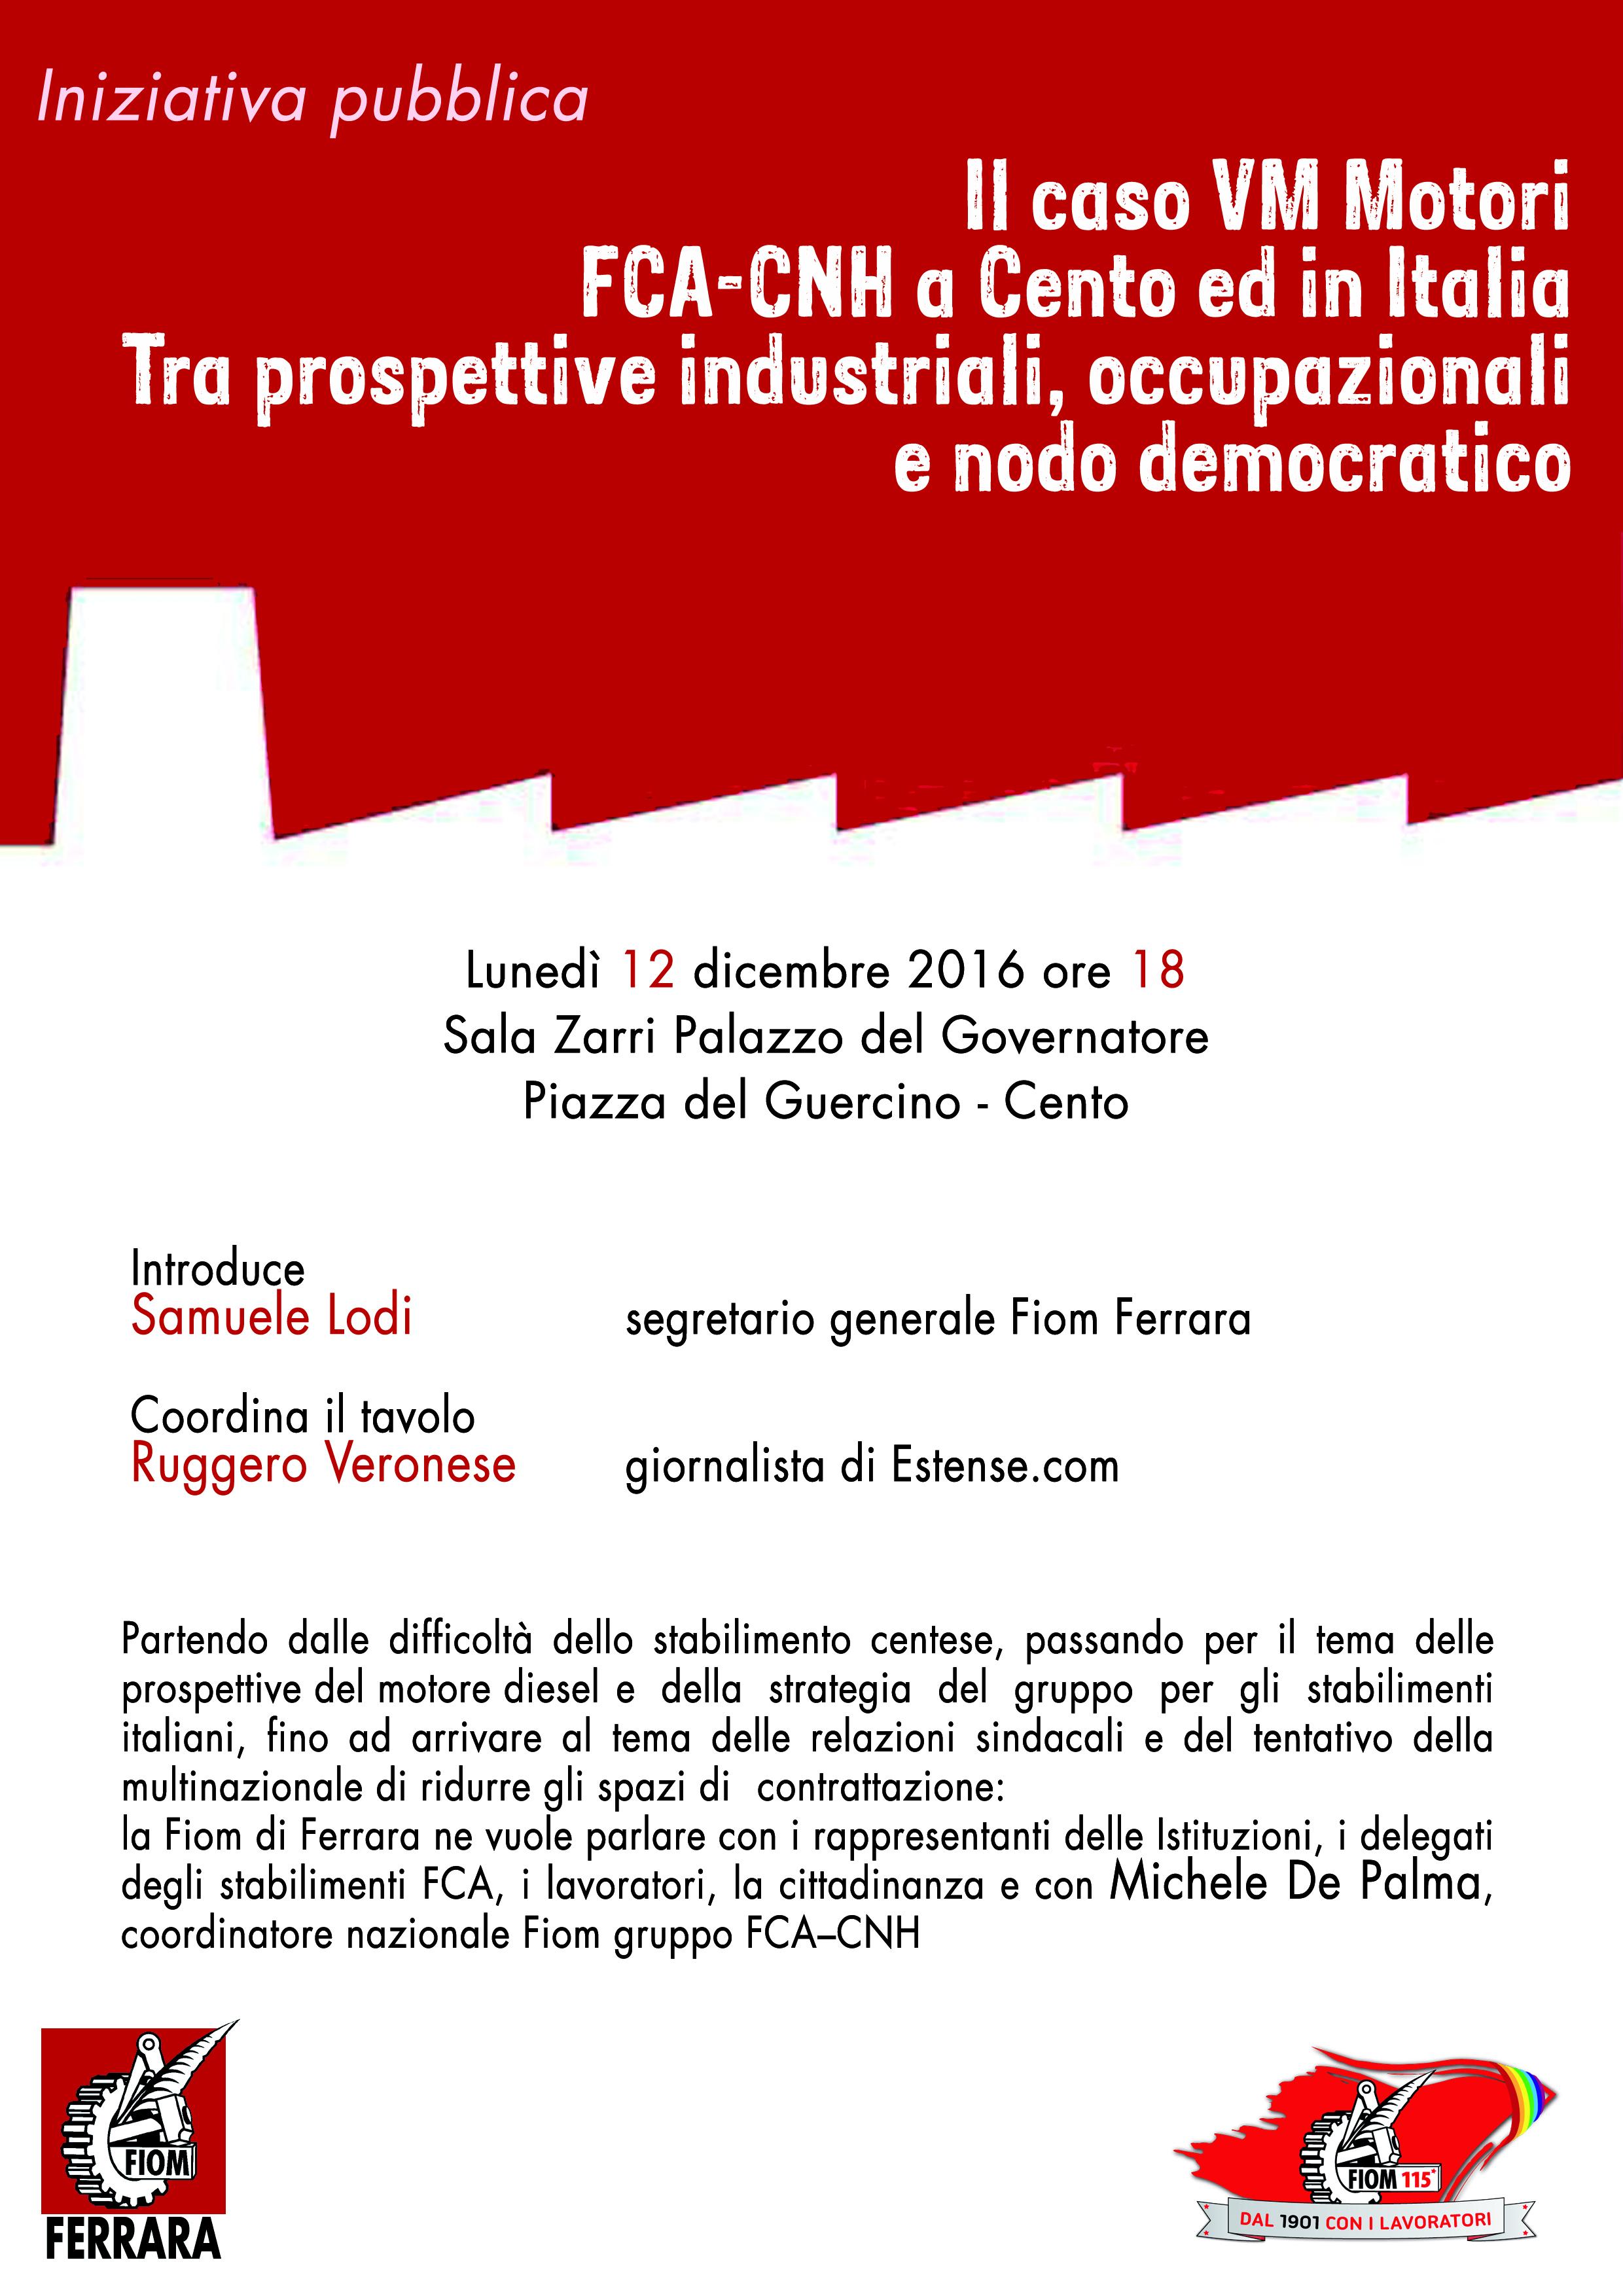 Il caso VM Motori FCA – CNH a Cento ed in Italia